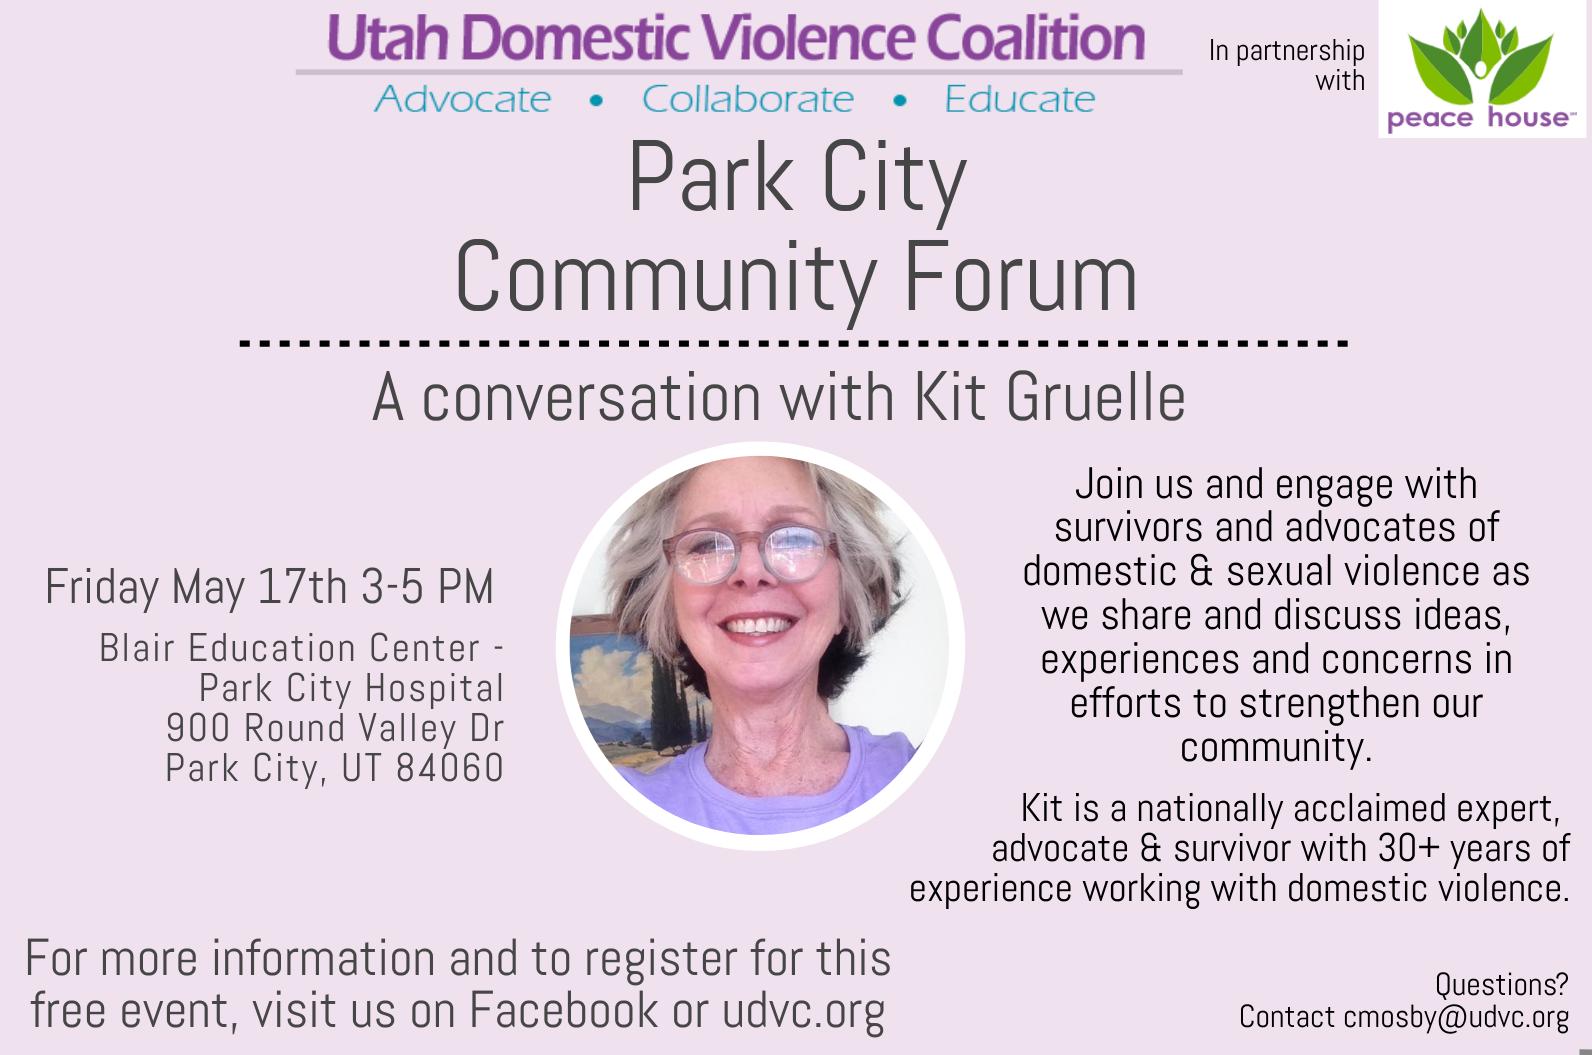 Park City Community Forum | A Conversation with Kit Gruelle